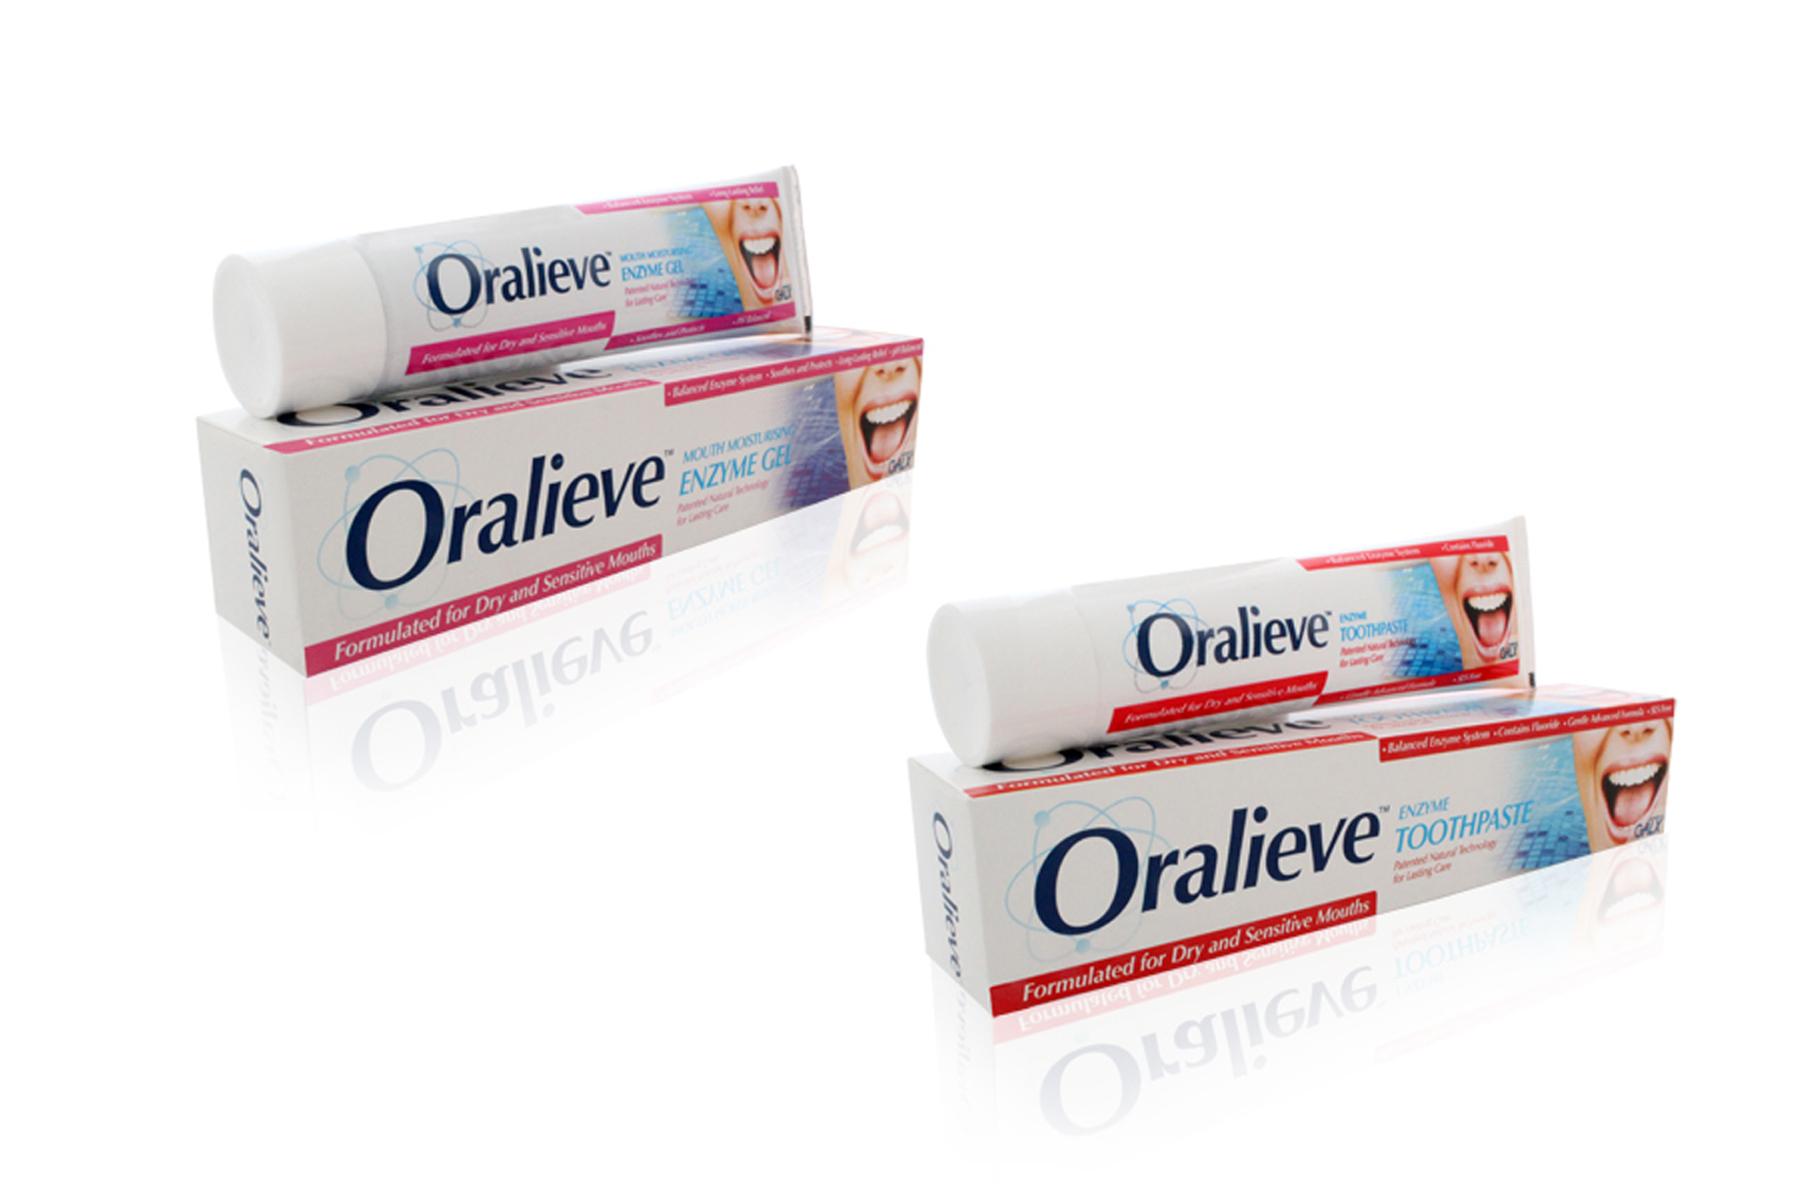 Oralieve-packaging.jpg